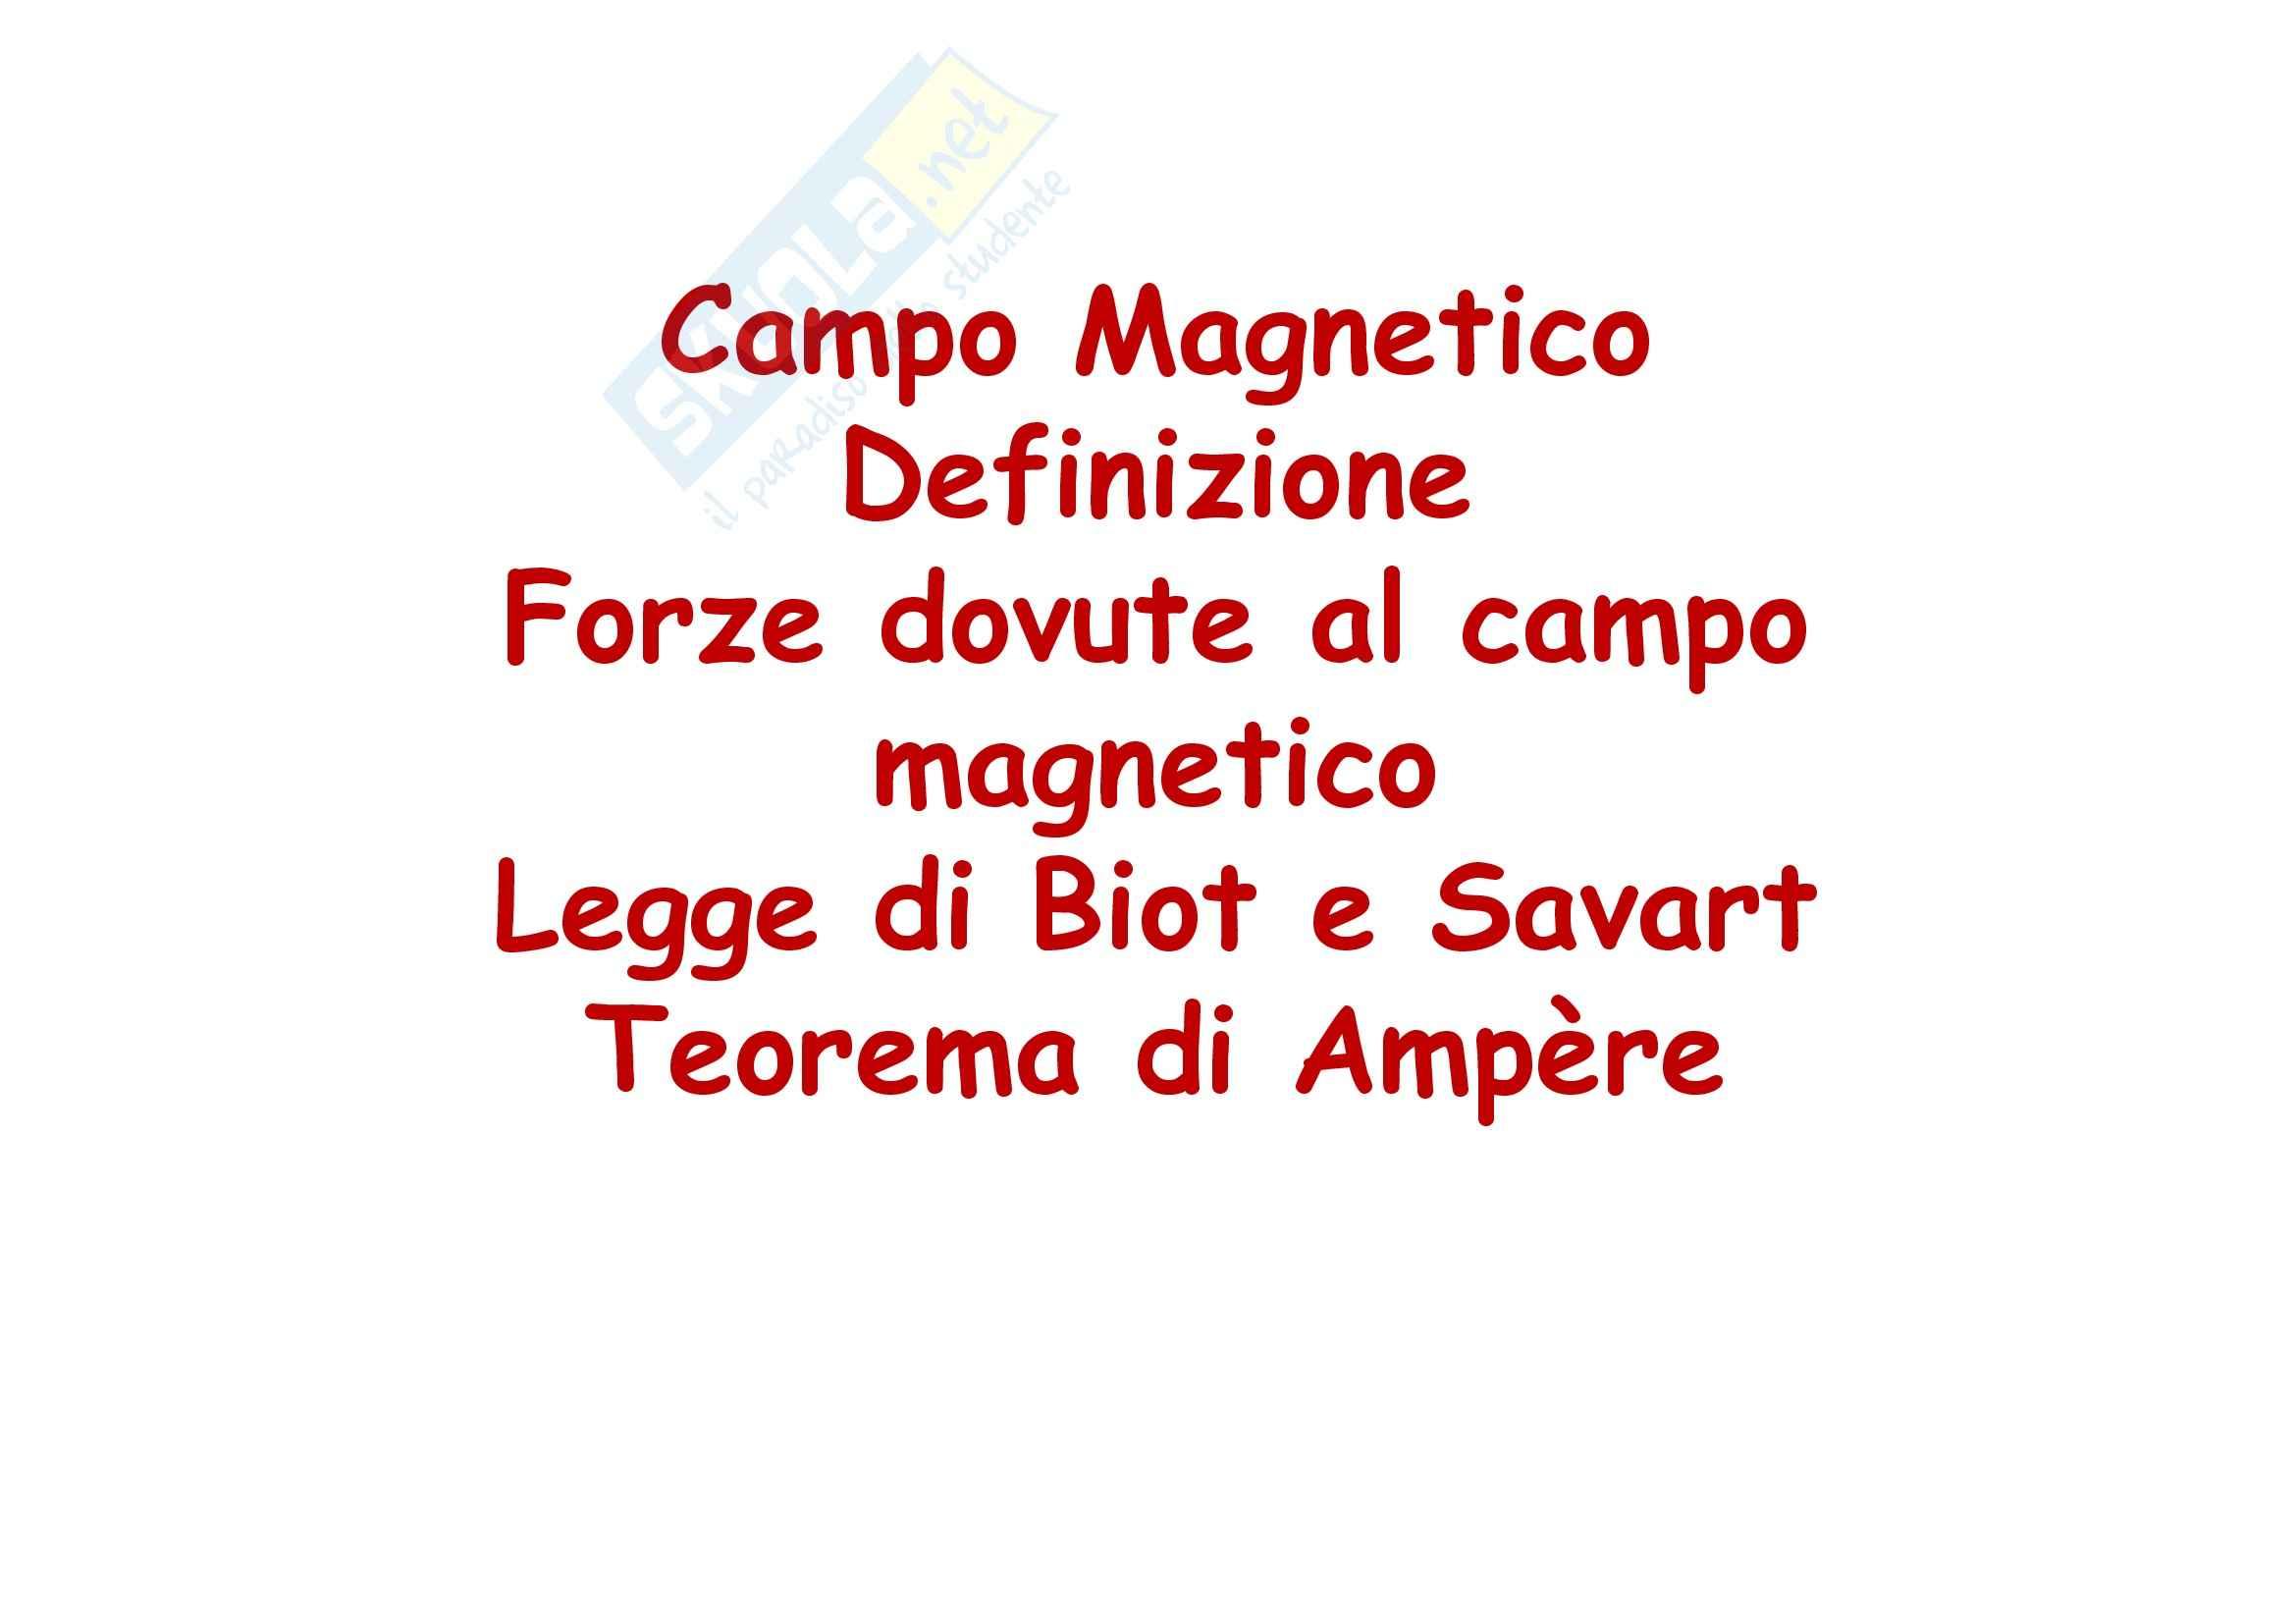 Fisica generale - il campo magnetico e il Teorema di Ampere